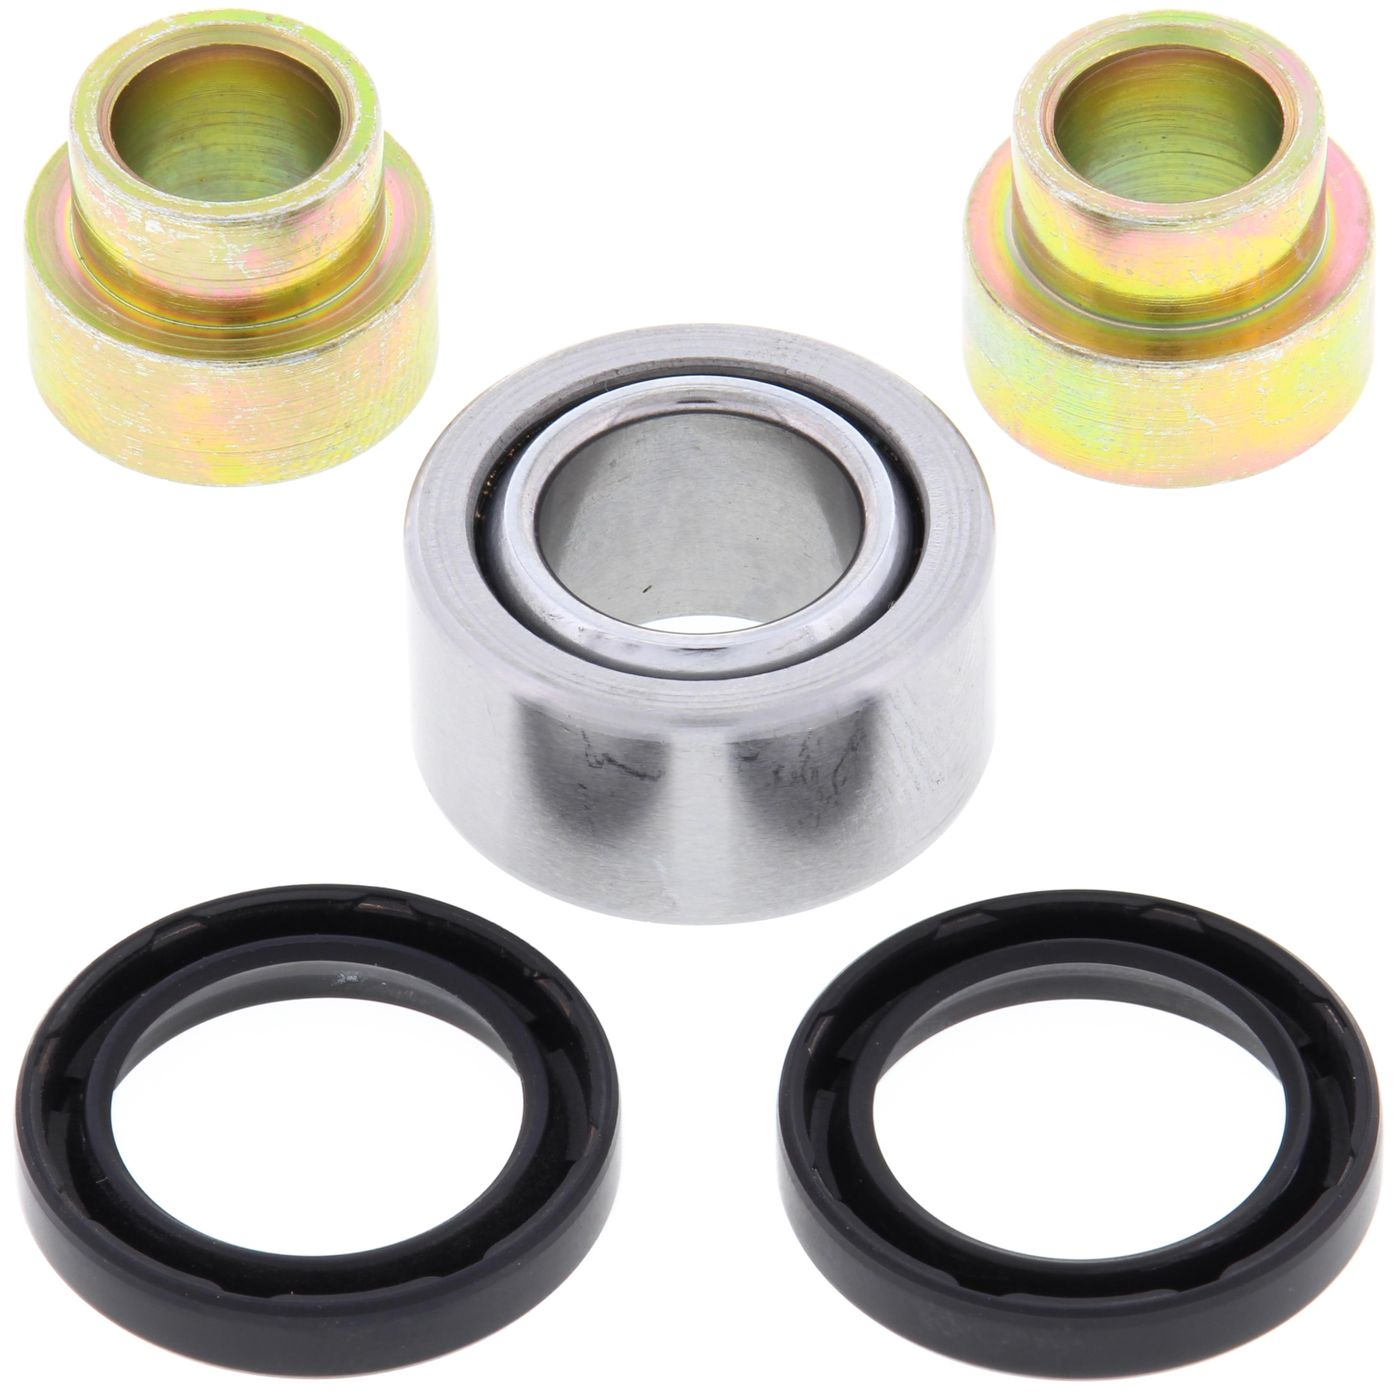 wrp shock bearing kits - WRP291017 image